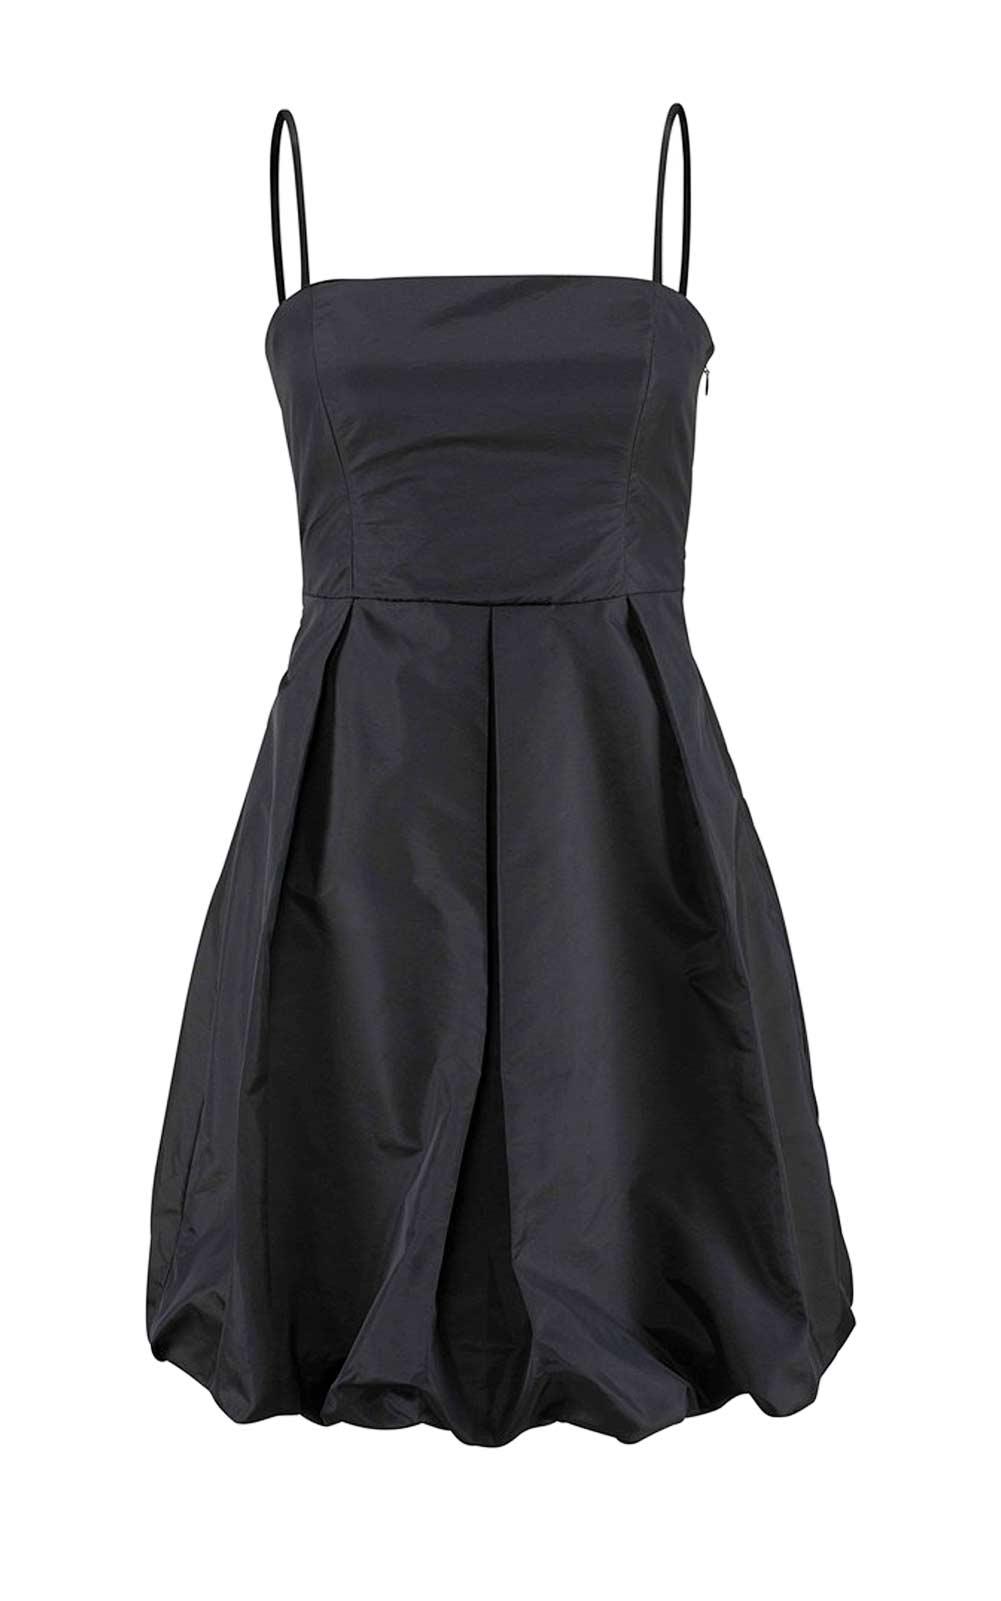 kurzes kleid für besondere anlässe BRUNO BANANI Damen-Cocktailkleid Schwarz 670.035 Missforty